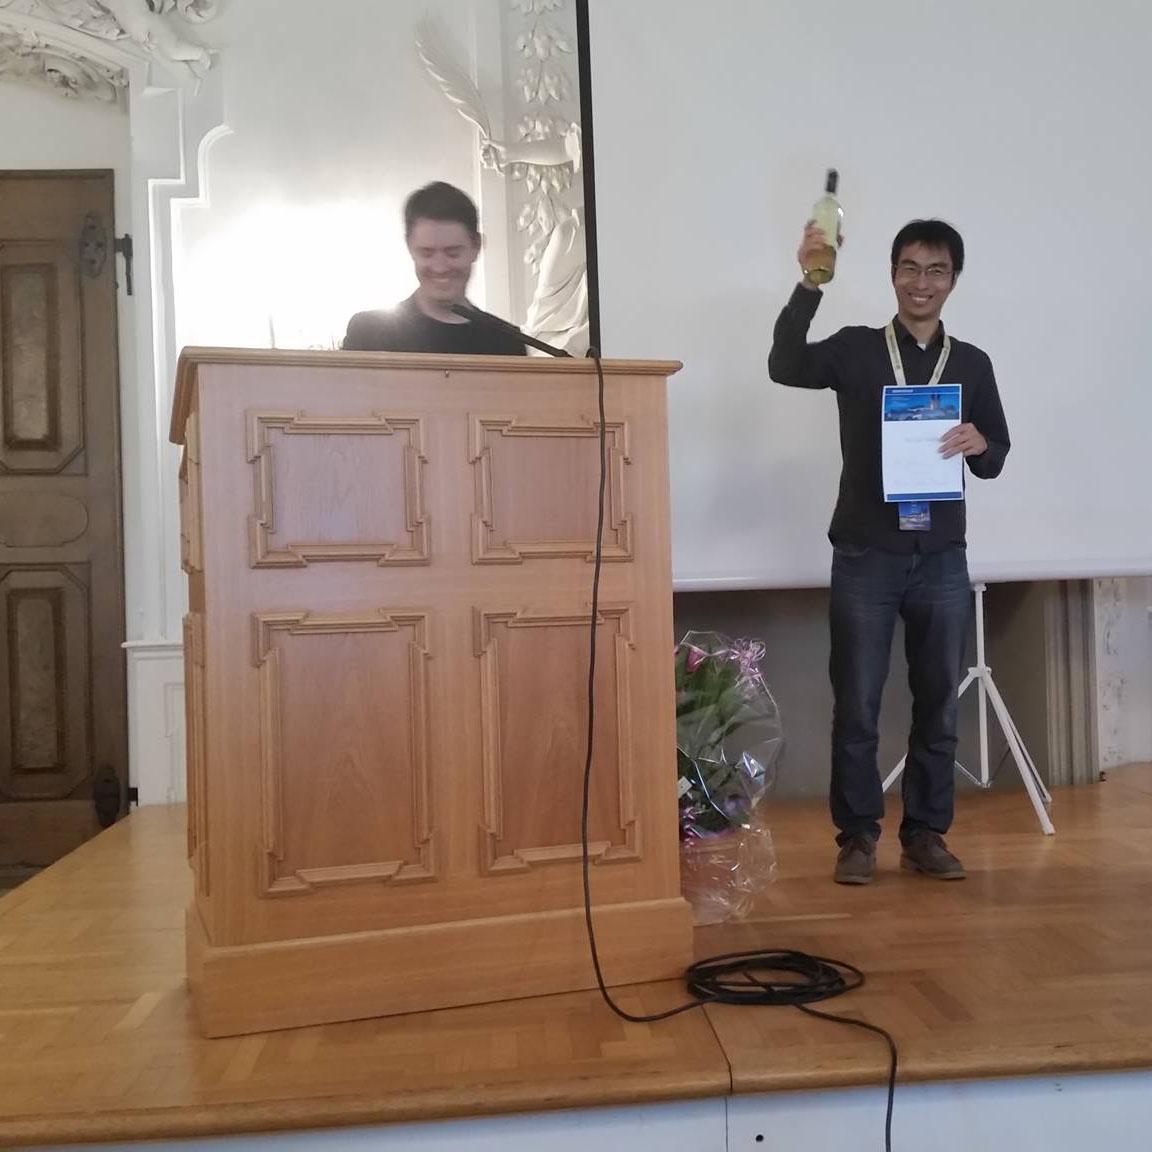 X. Cai award